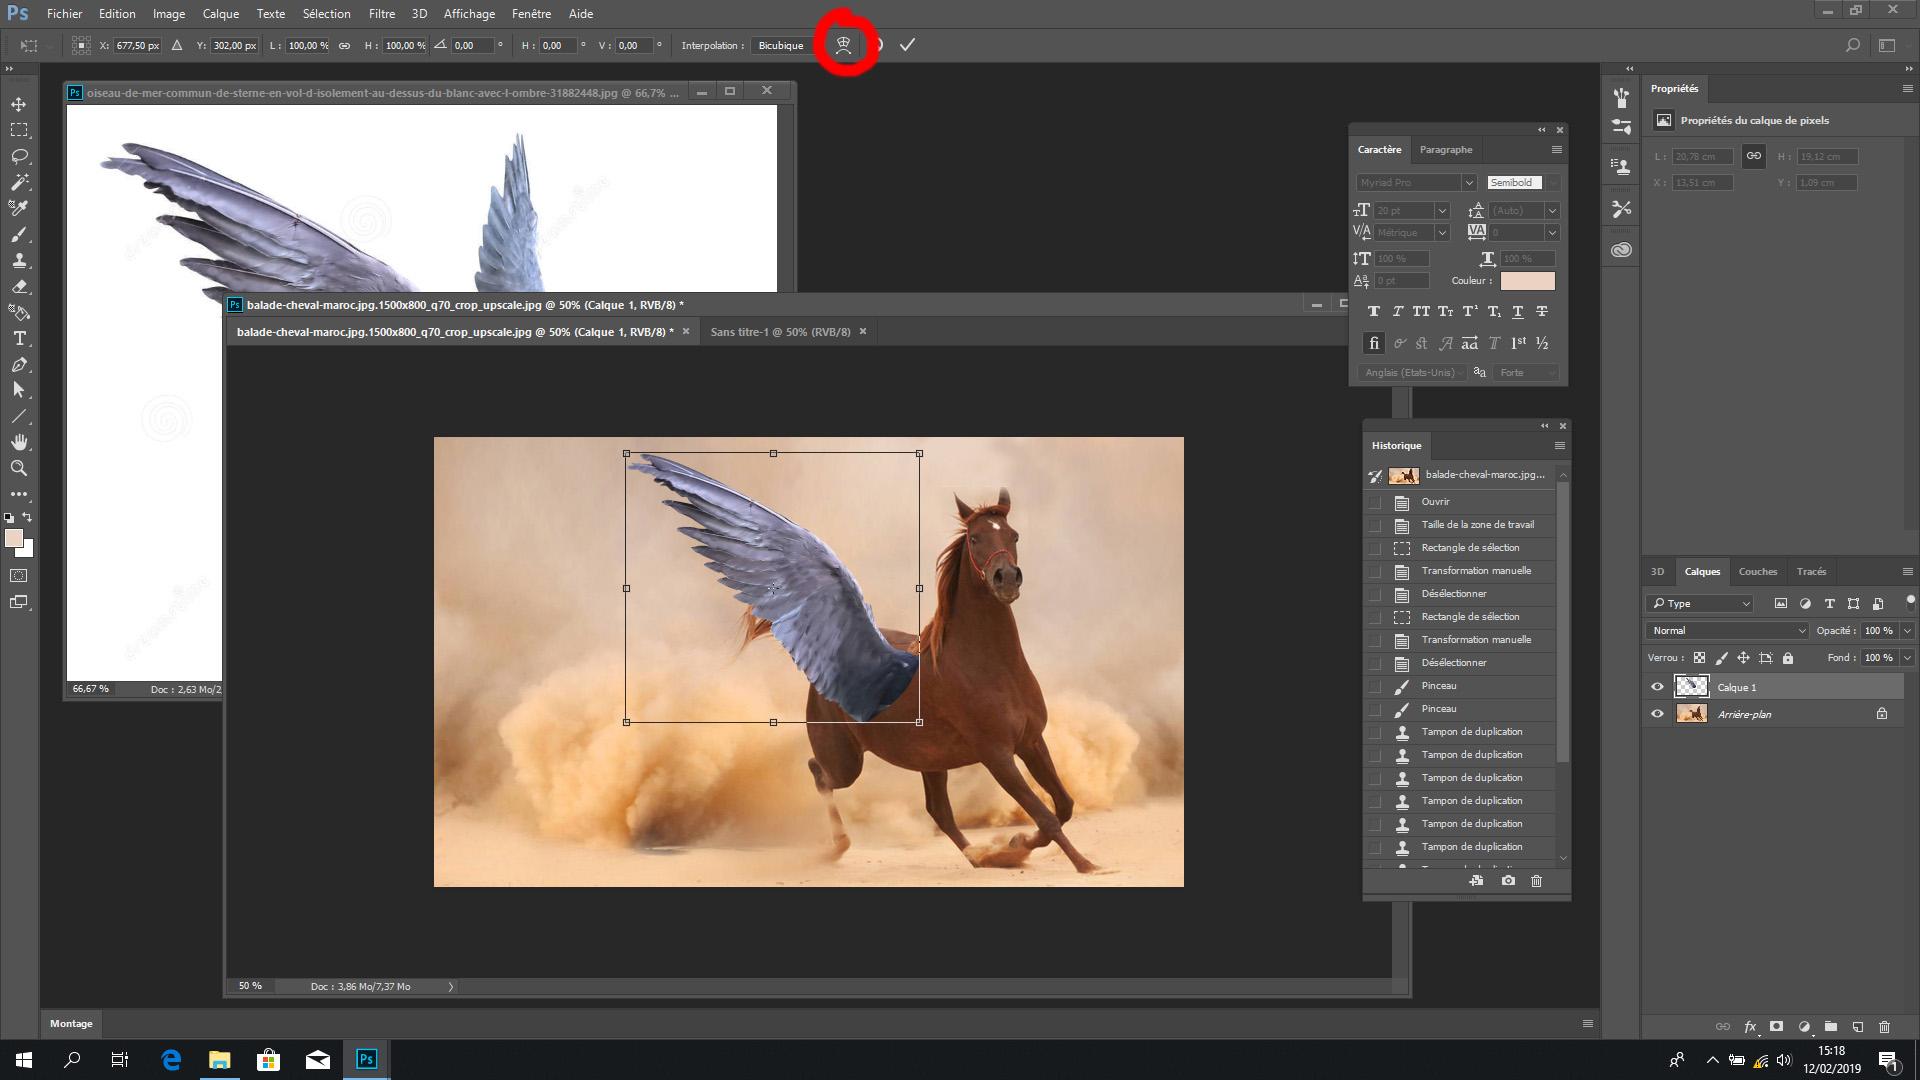 L'outil « transformation libre » de Photoshop (entouré en rouge)